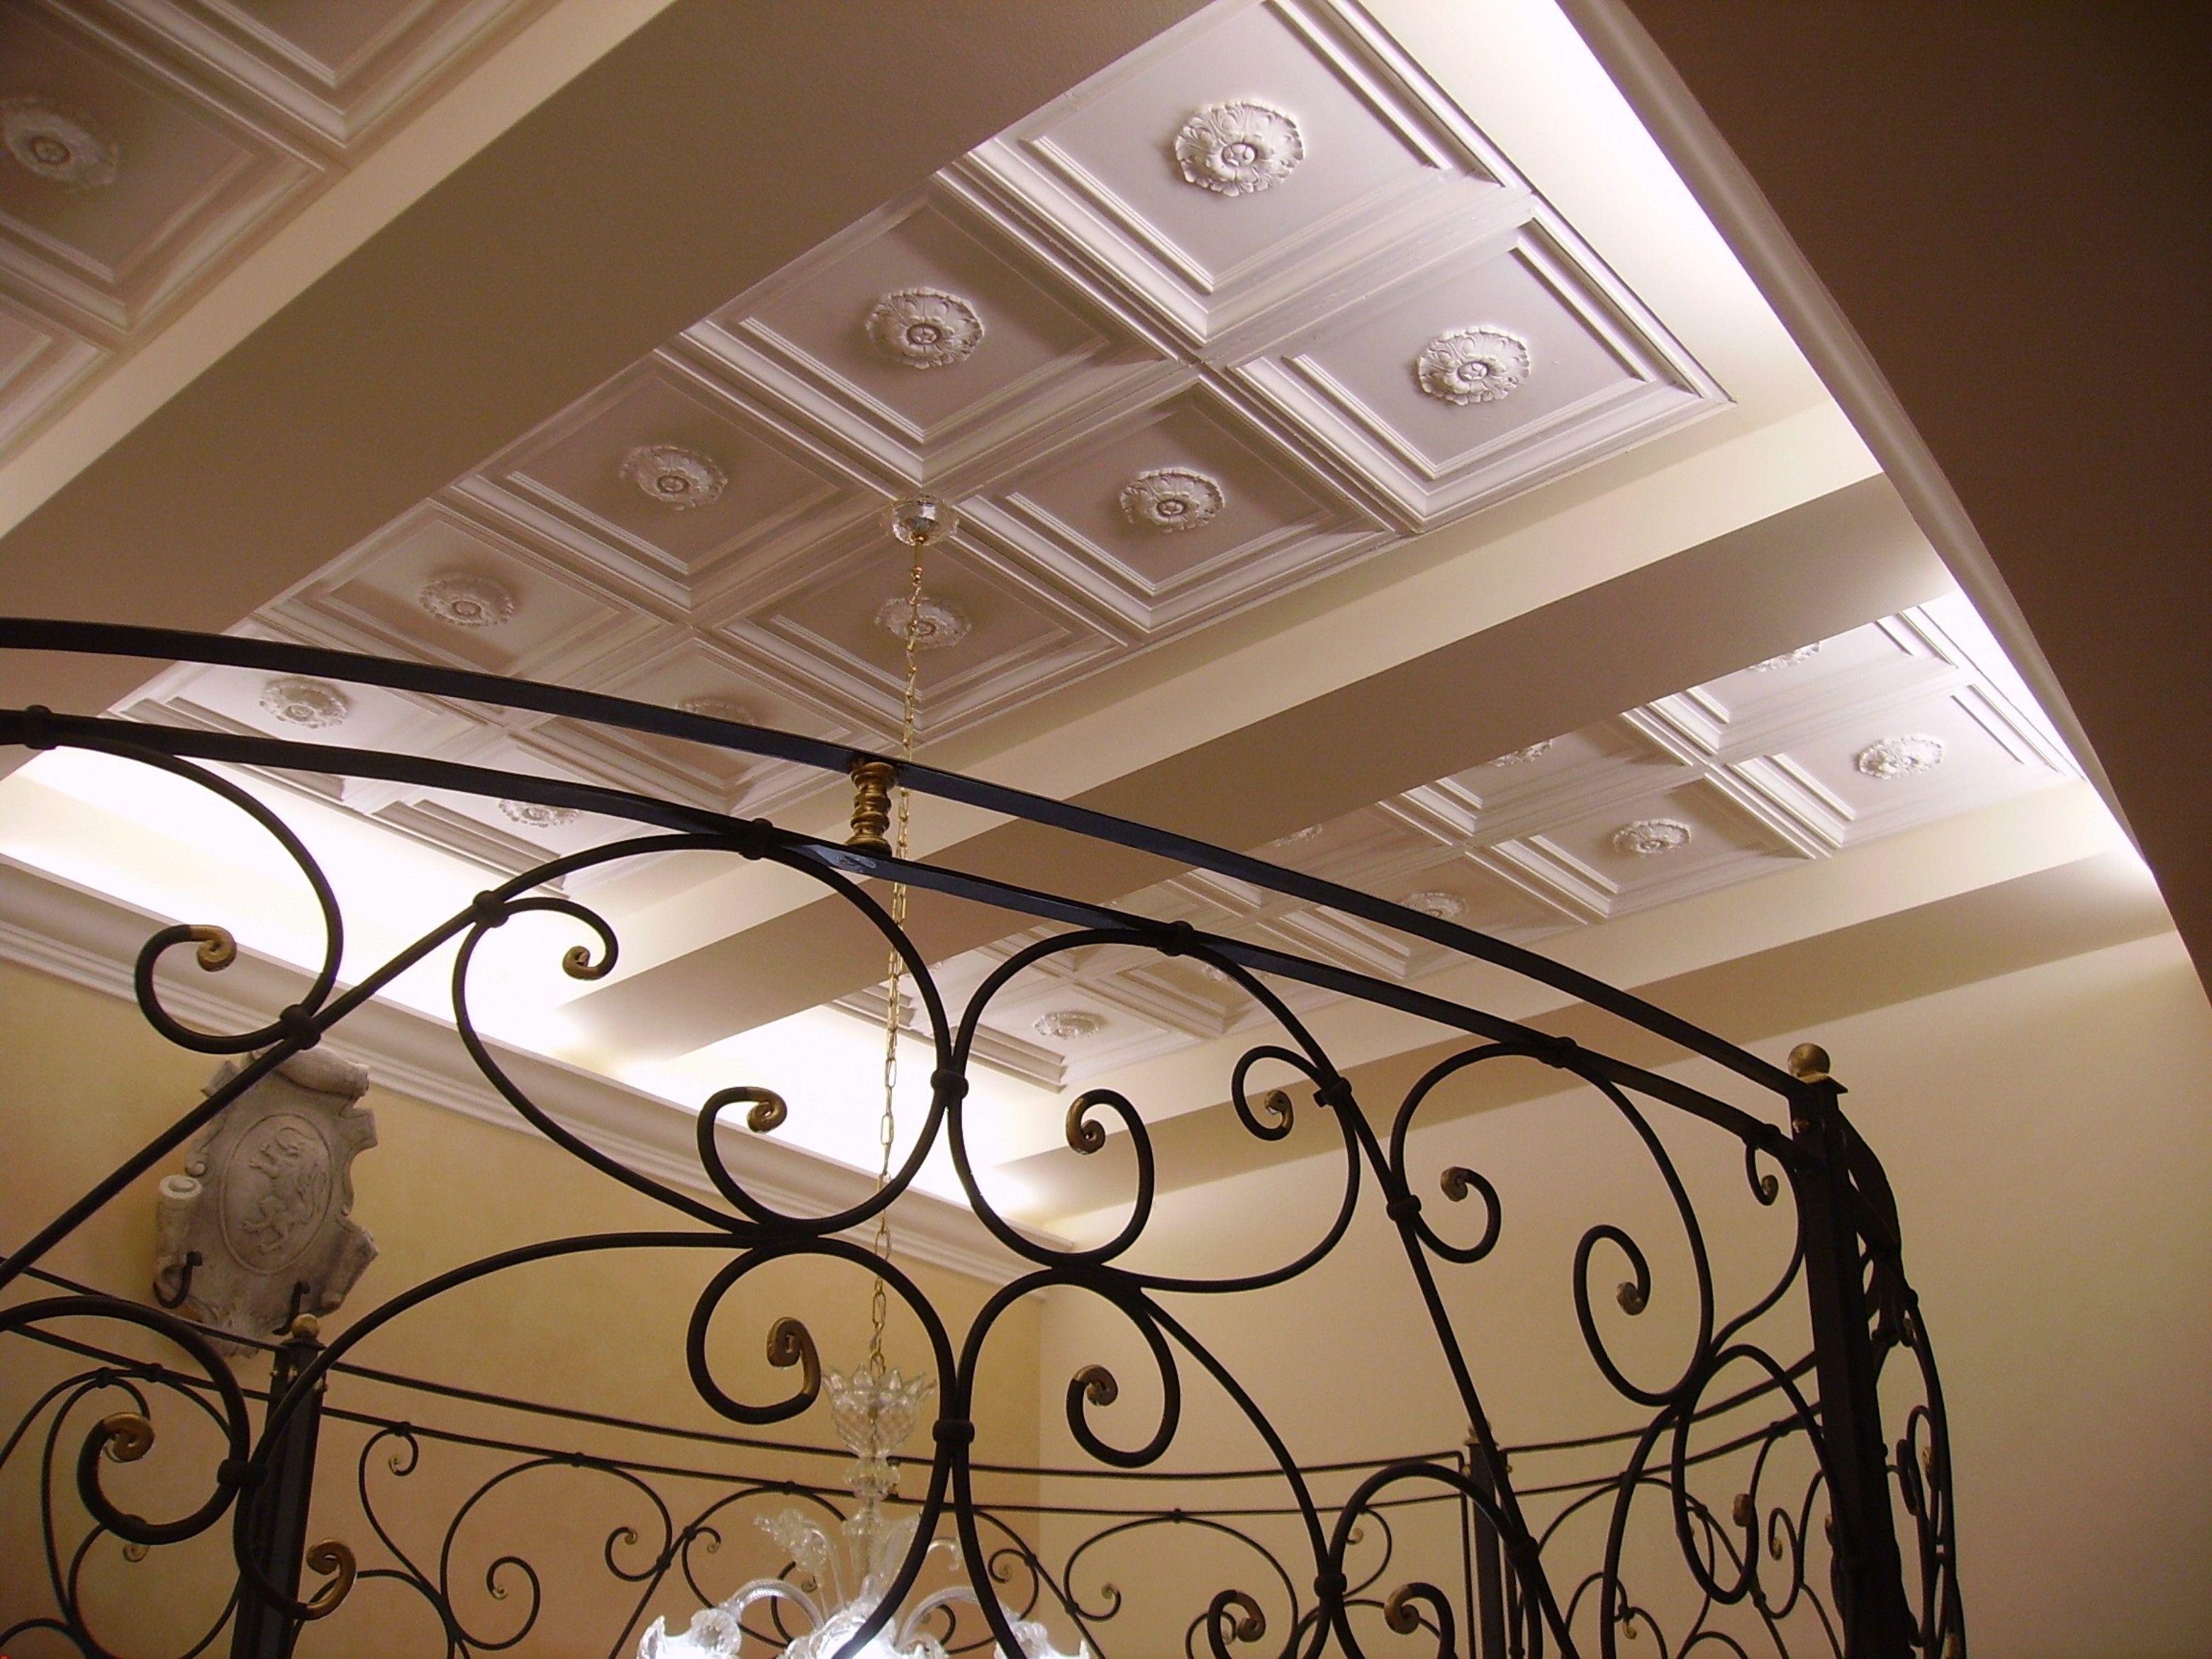 Soffitto della scalinata della sede degli industriali di parma